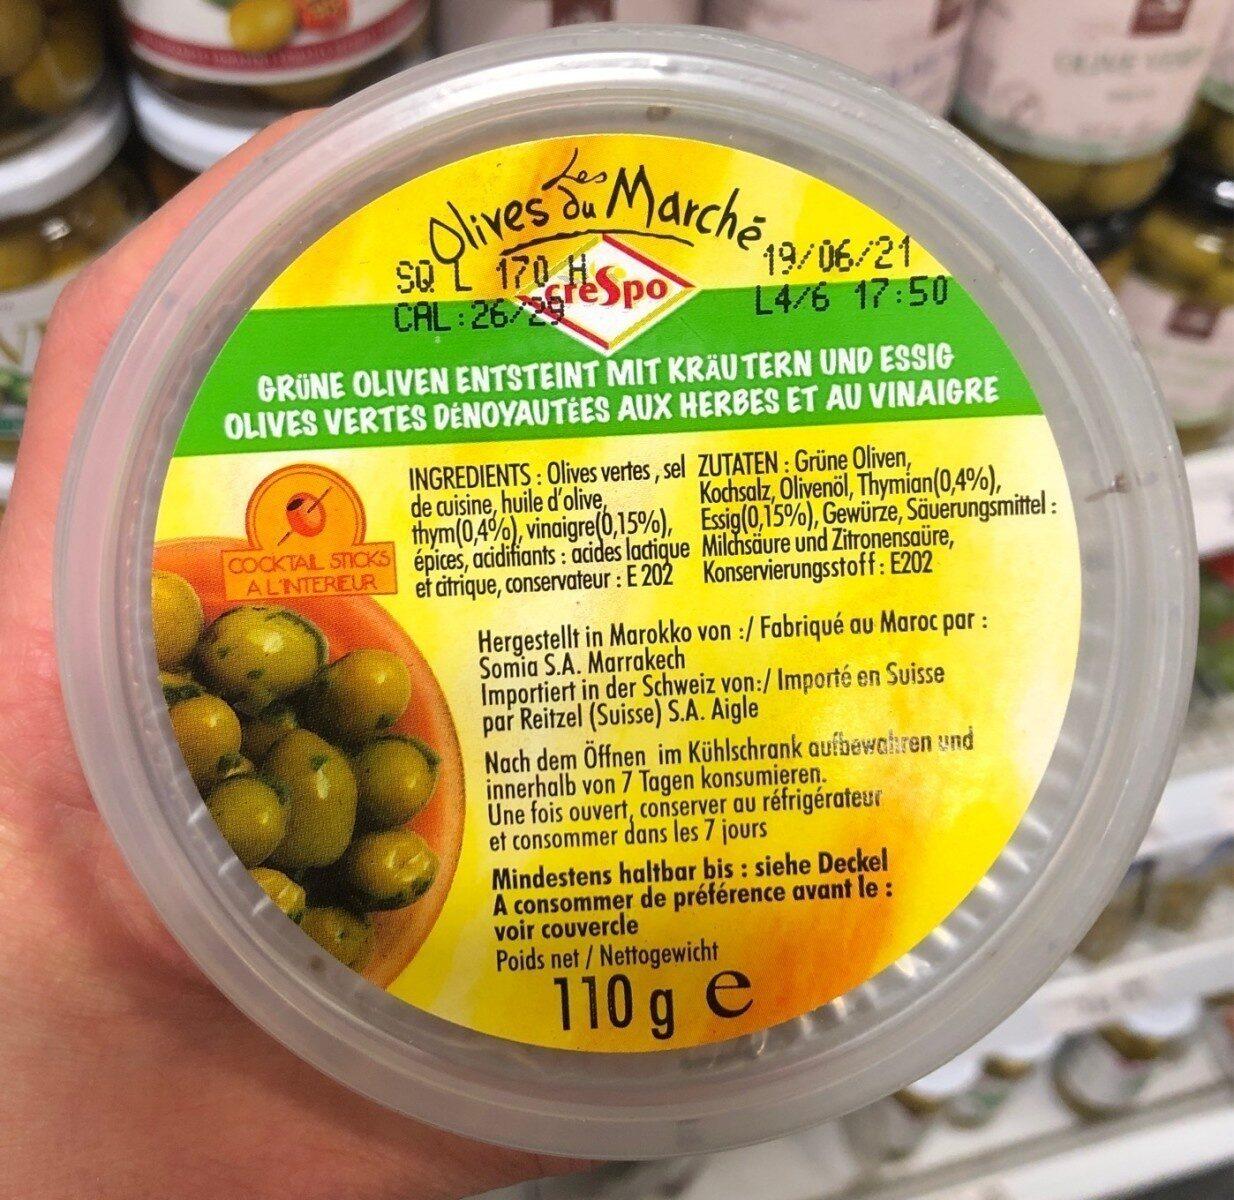 Olives vertes - Product - fr